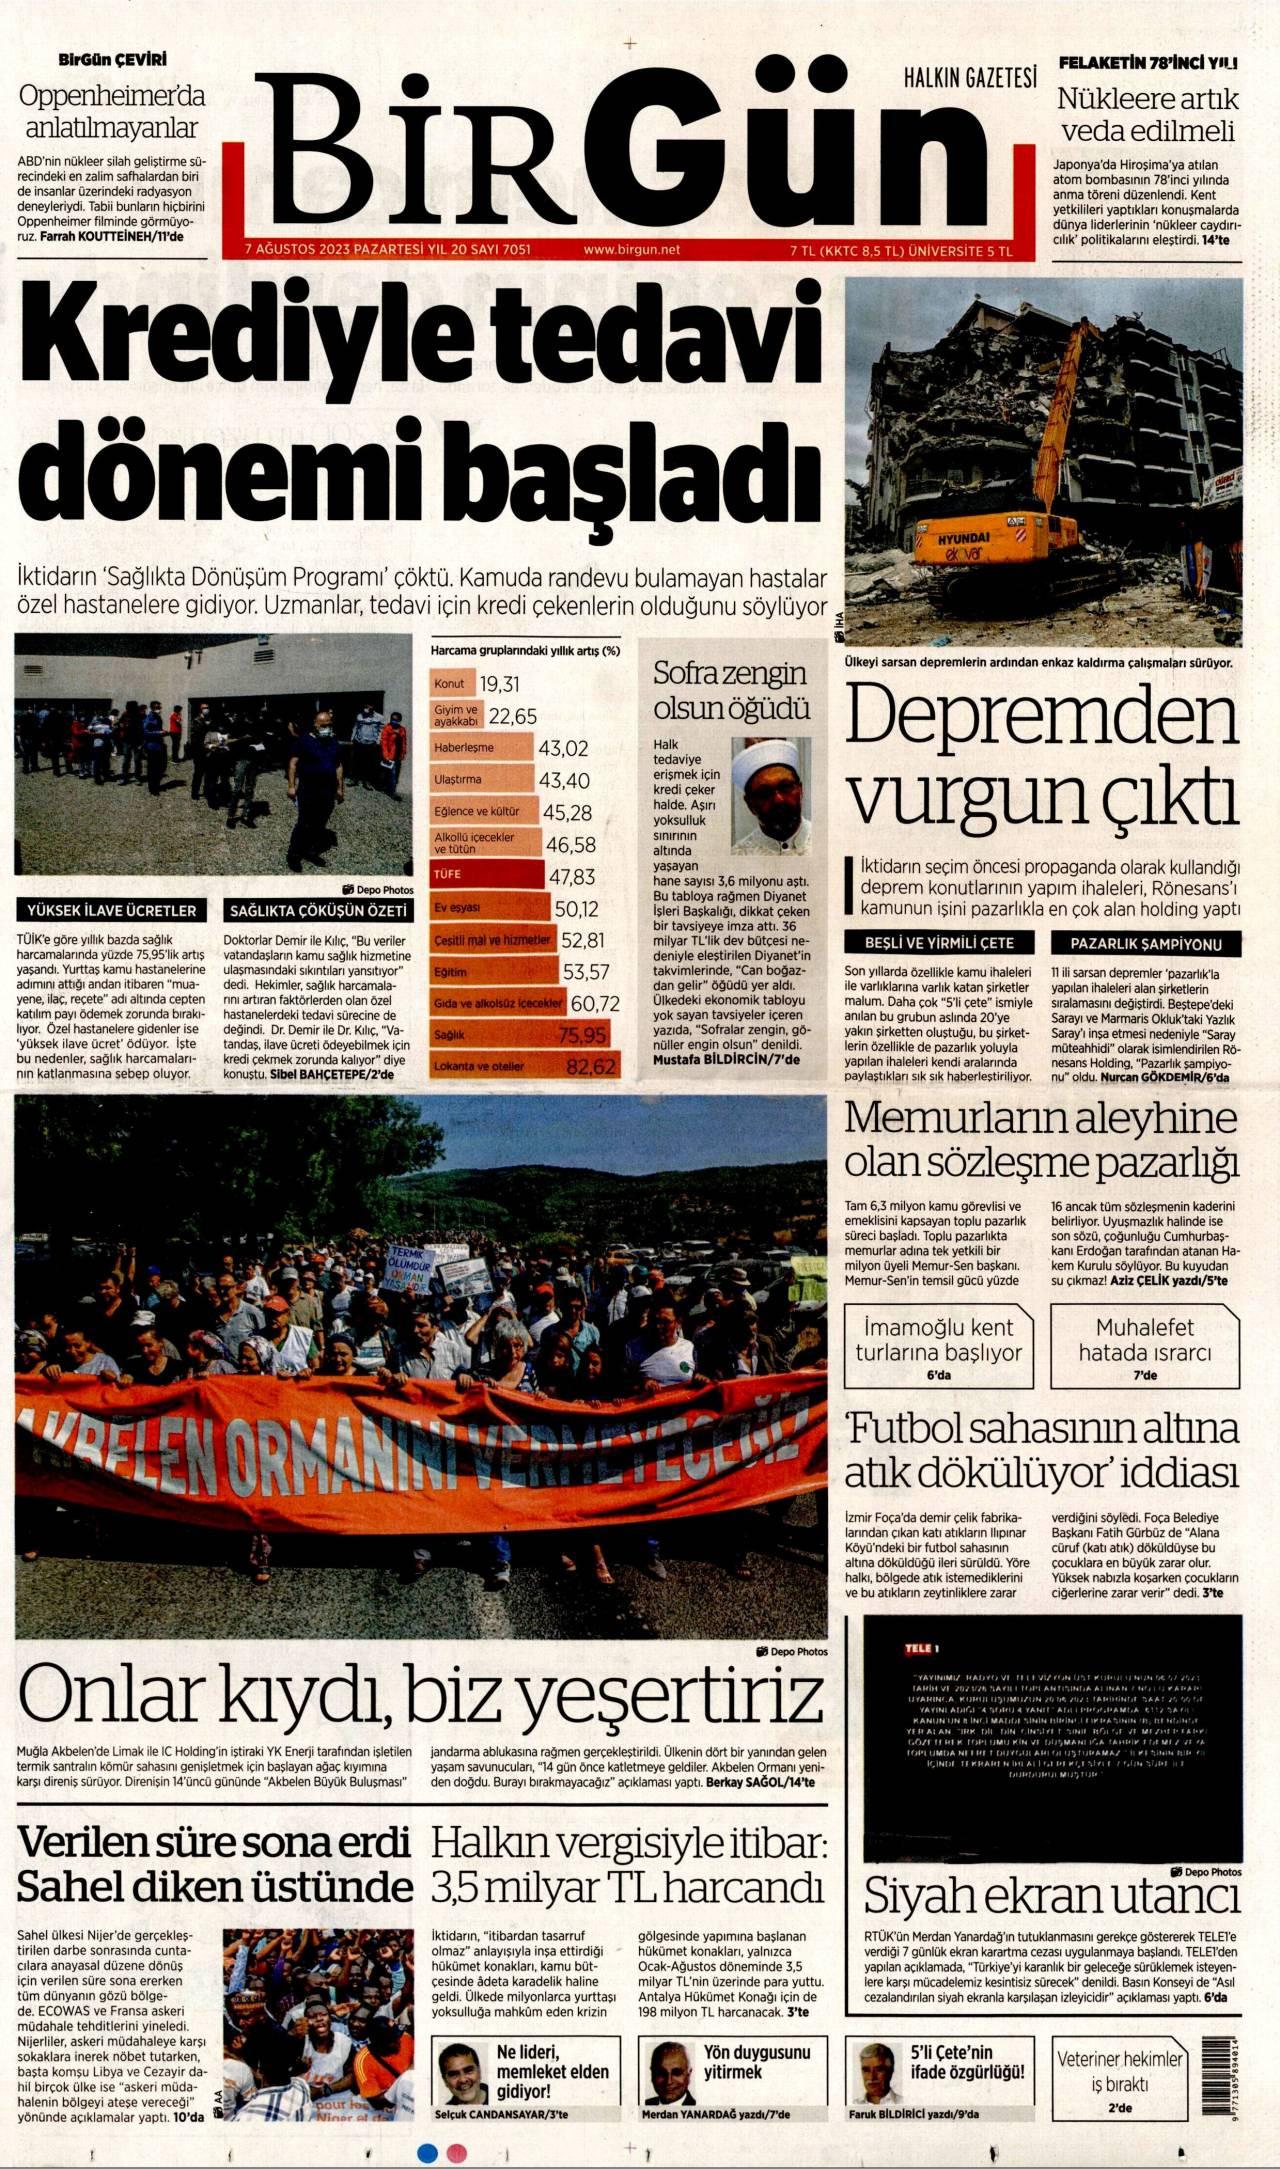 17 Ekim 2019, Perşembe birgun Gazetesi